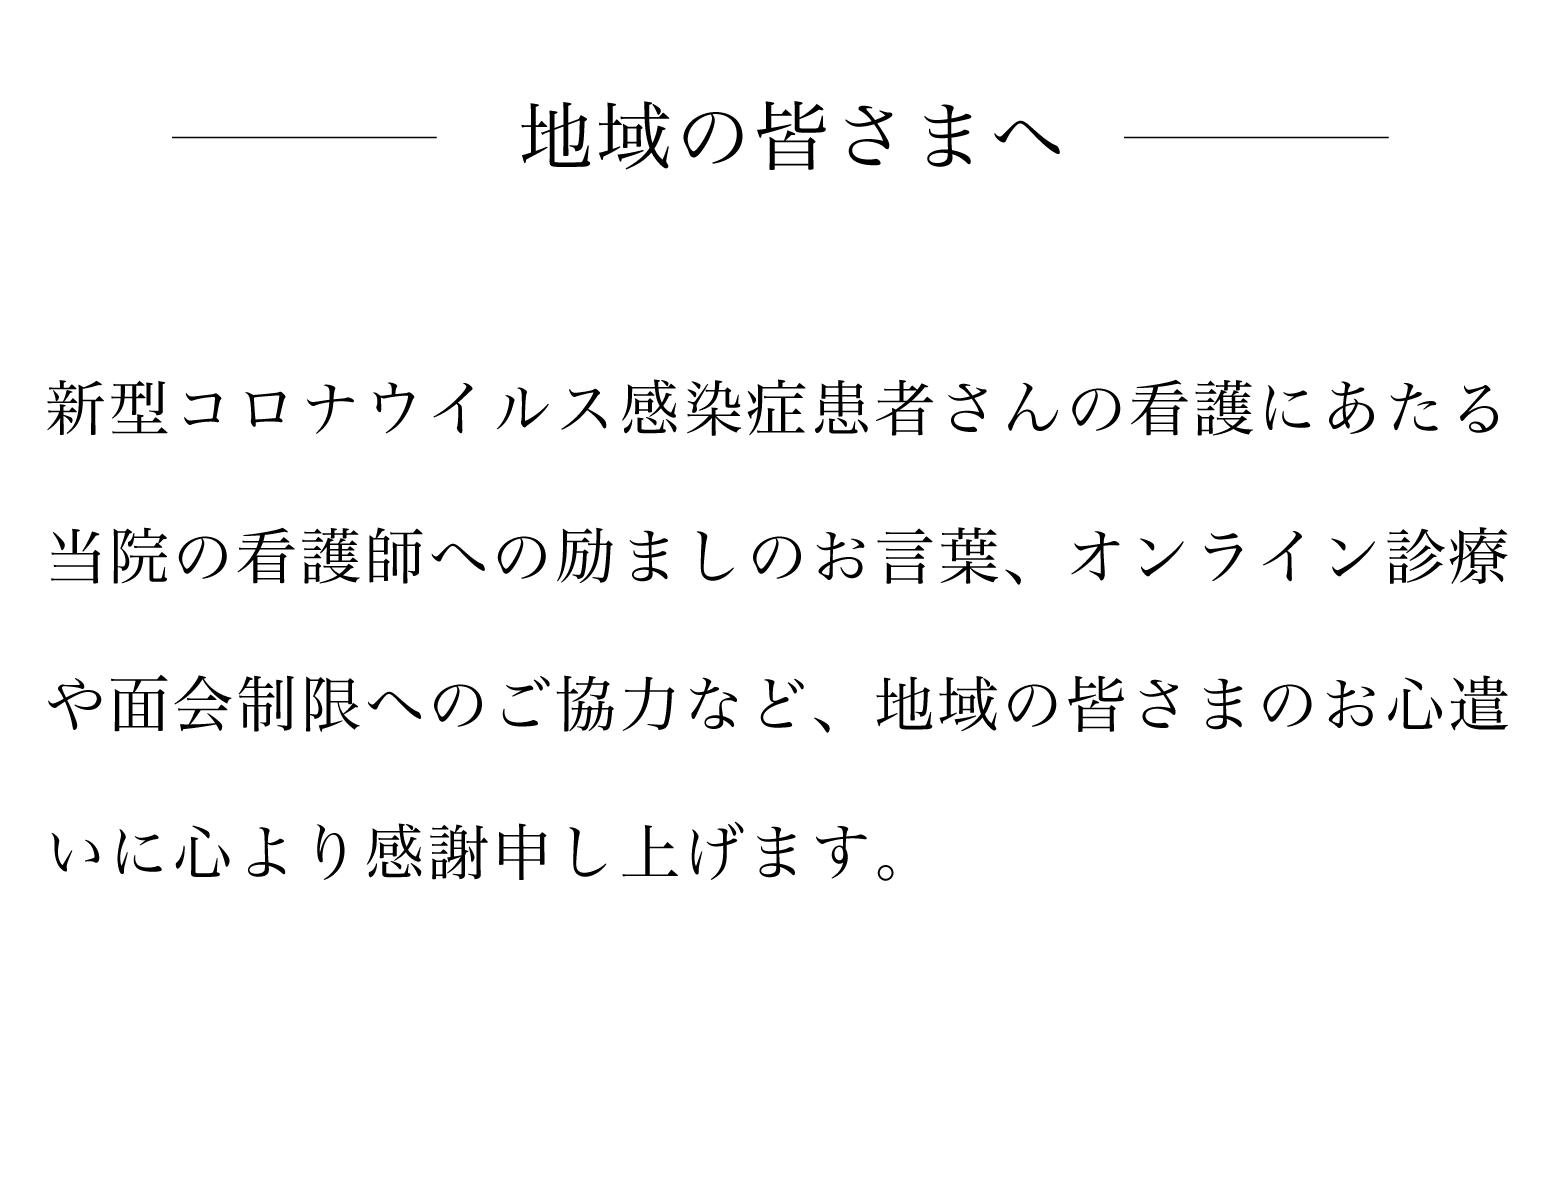 コロナ 瀬 柳 ヶ